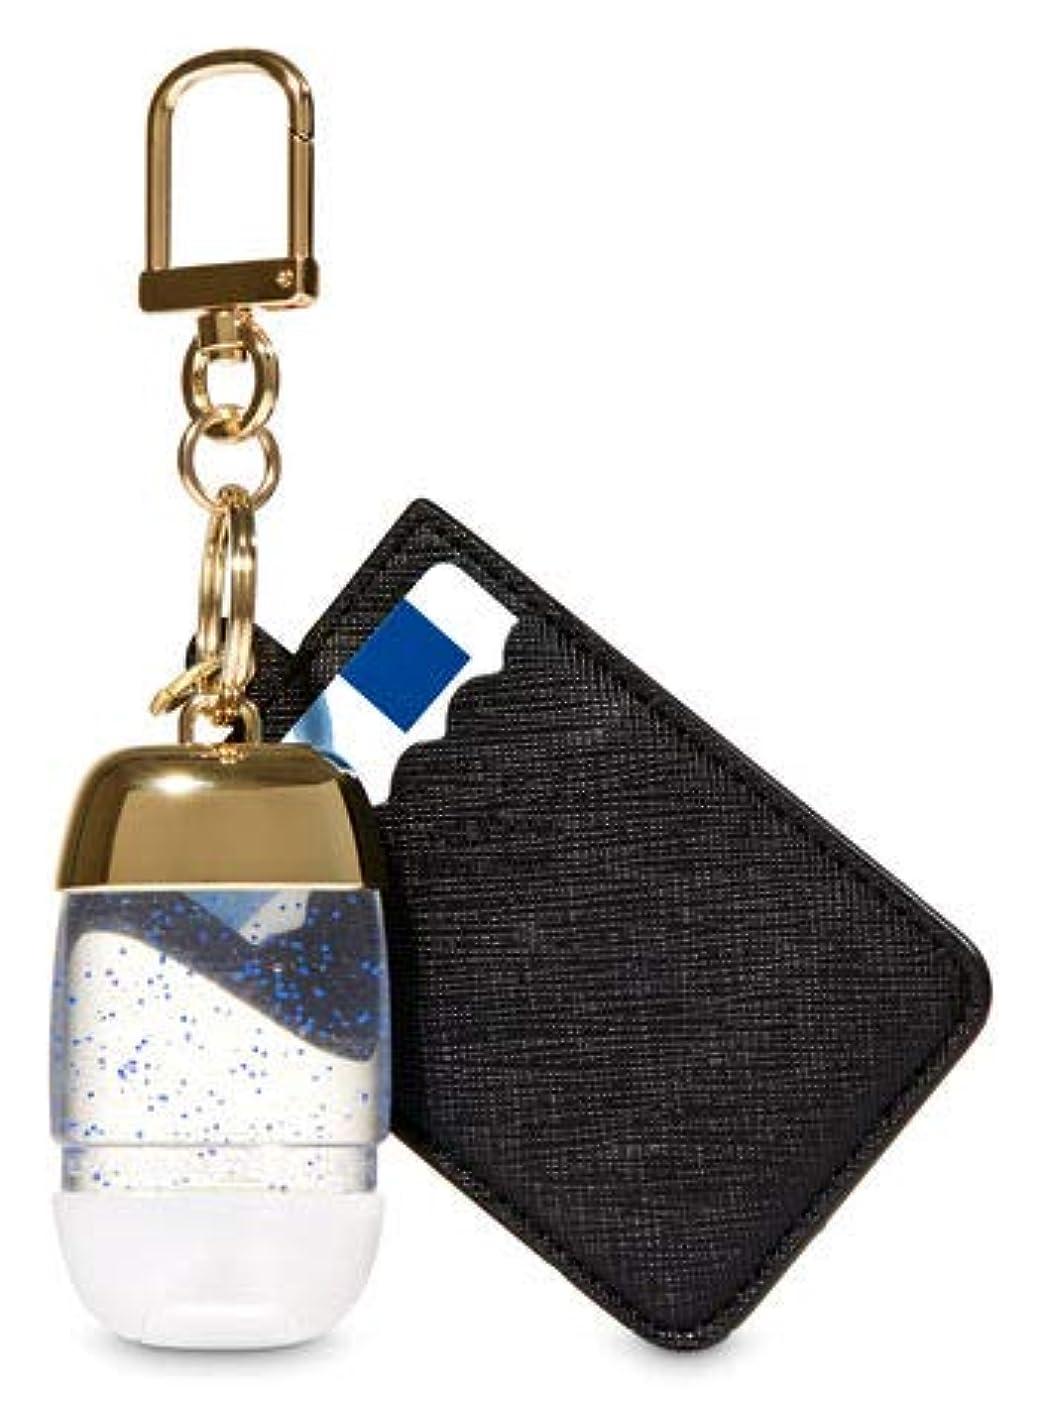 アルプス第二感情の【Bath&Body Works/バス&ボディワークス】 抗菌ハンドジェルホルダー カードケース ブラック&ゴールド Credit Card & PocketBac Holder Black & Gold [並行輸入品]